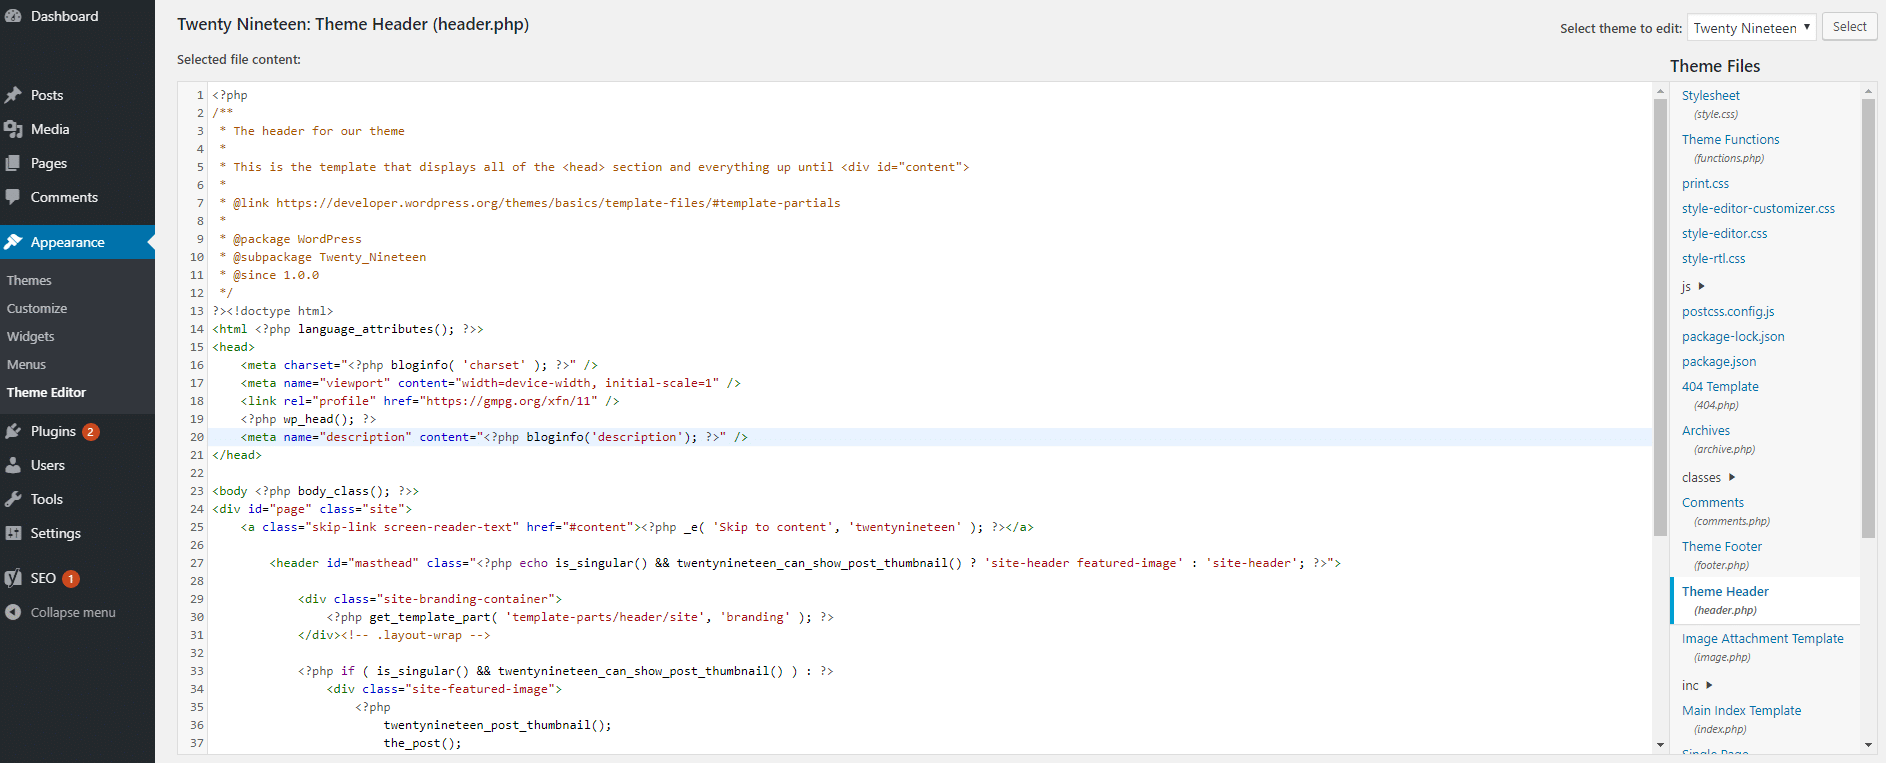 テーマファイルを編集してメタディスクリプションを追加する